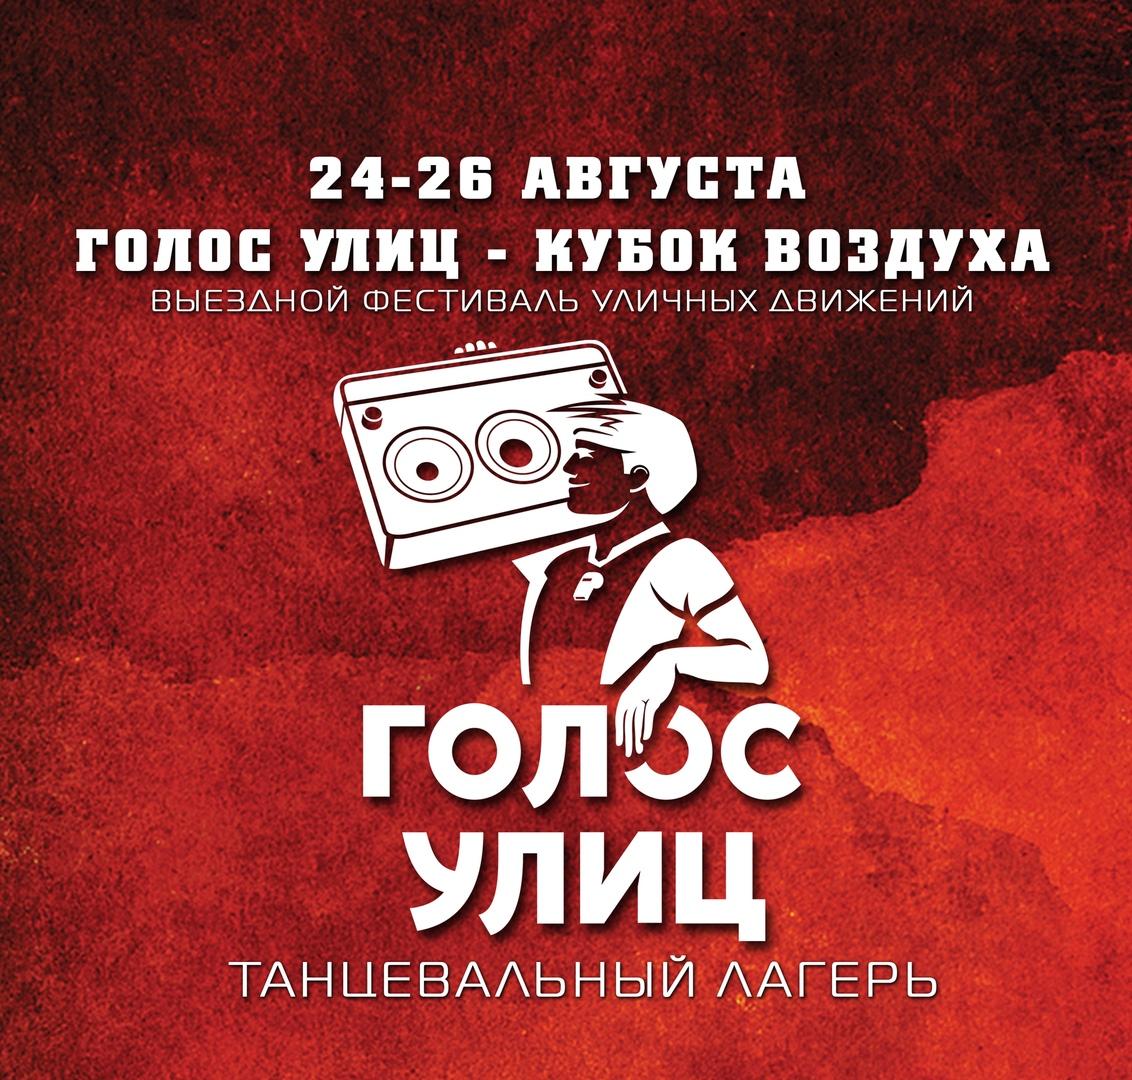 """Афиша Ижевск Танцевальный лагерь """"ГОЛОС УЛИЦ"""" / Ижевск"""